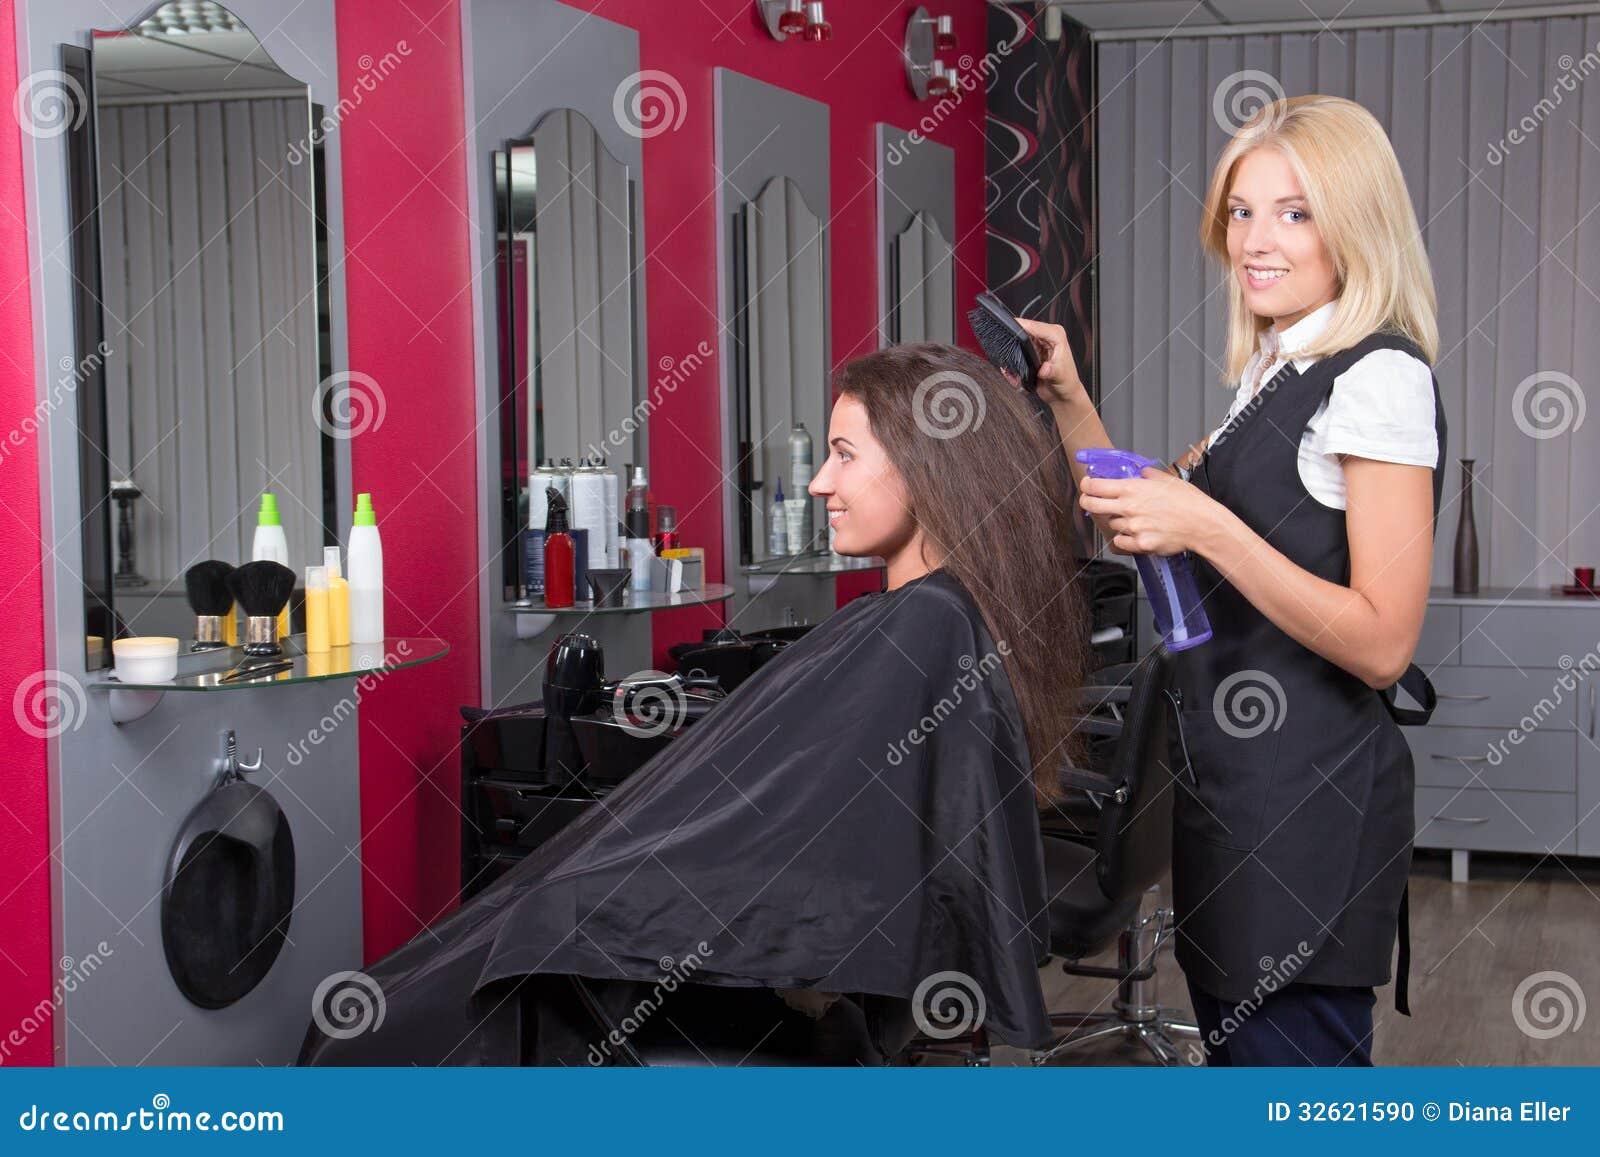 Прически которые делают парикмахеры